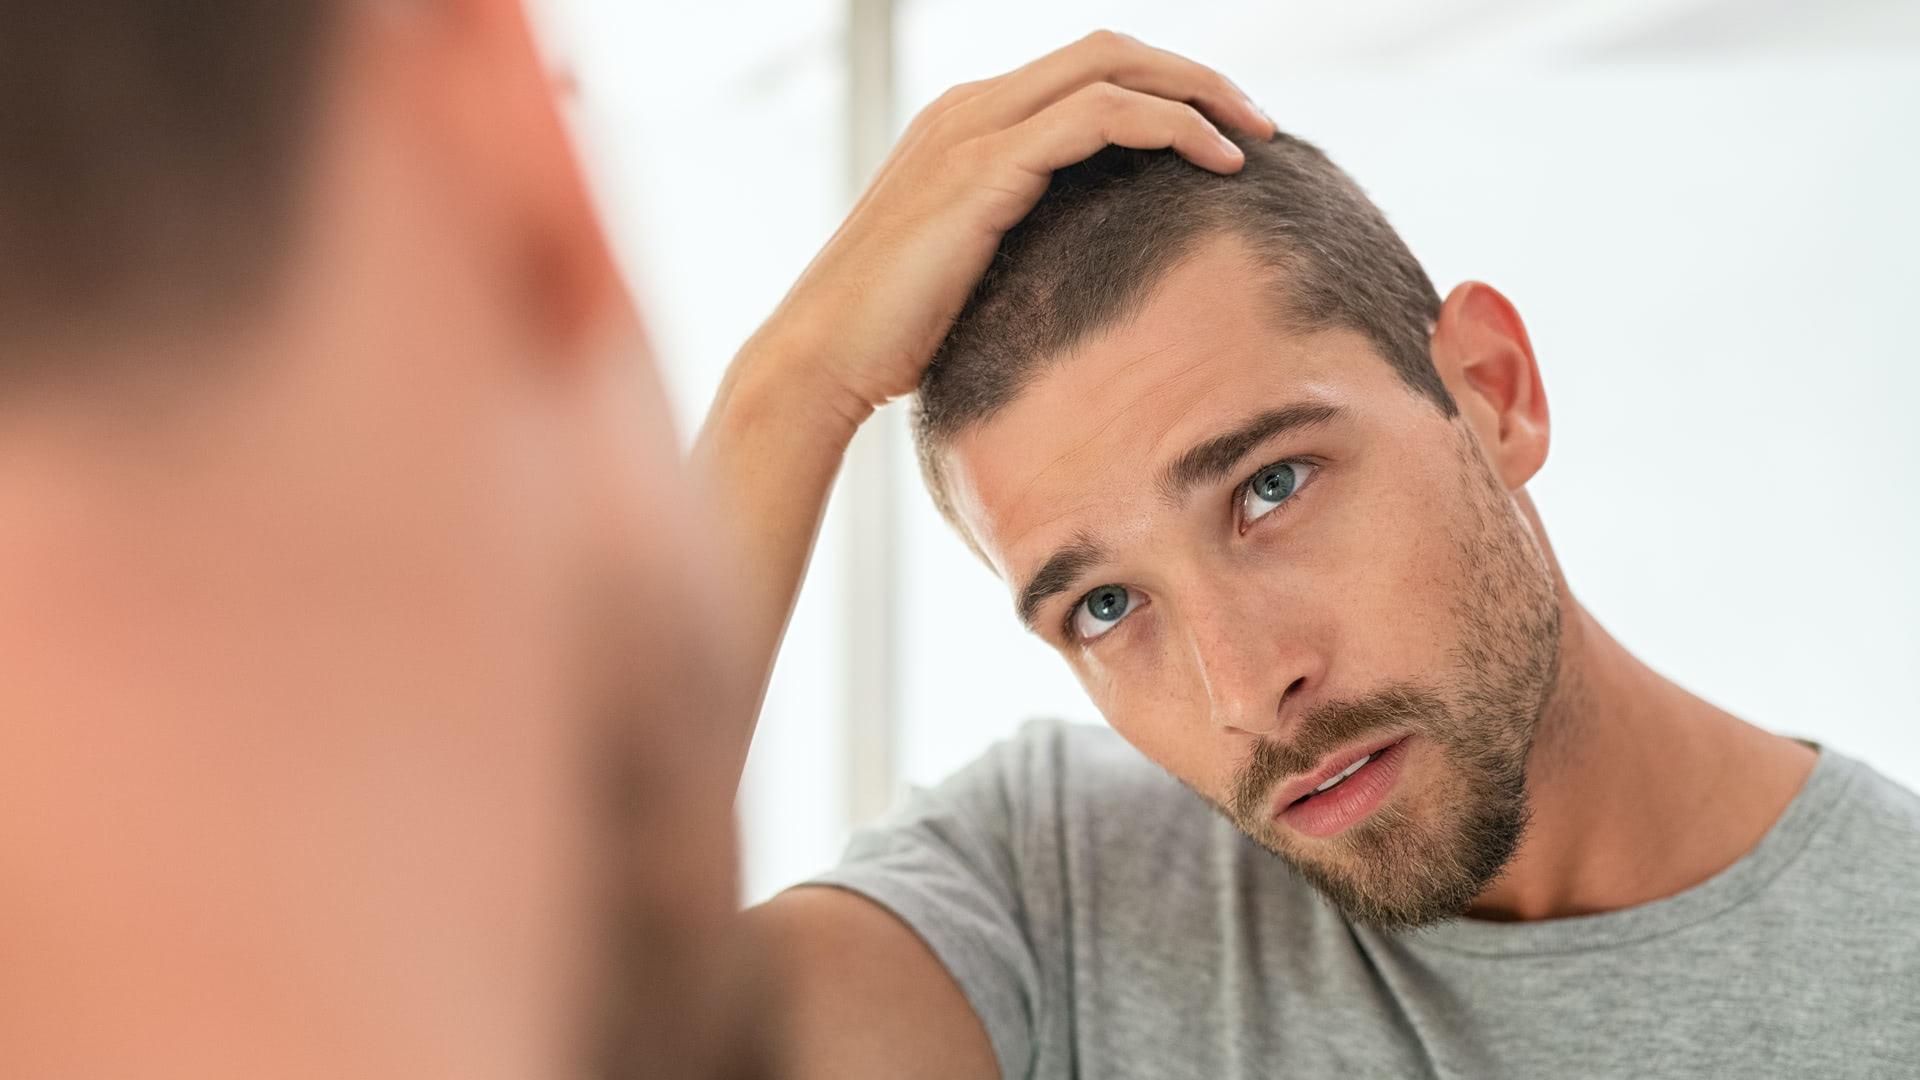 hagyományos módszerek a pikkelysömör kezelésére hogyan lehet eltávolítani a foltot a vörös bőrről